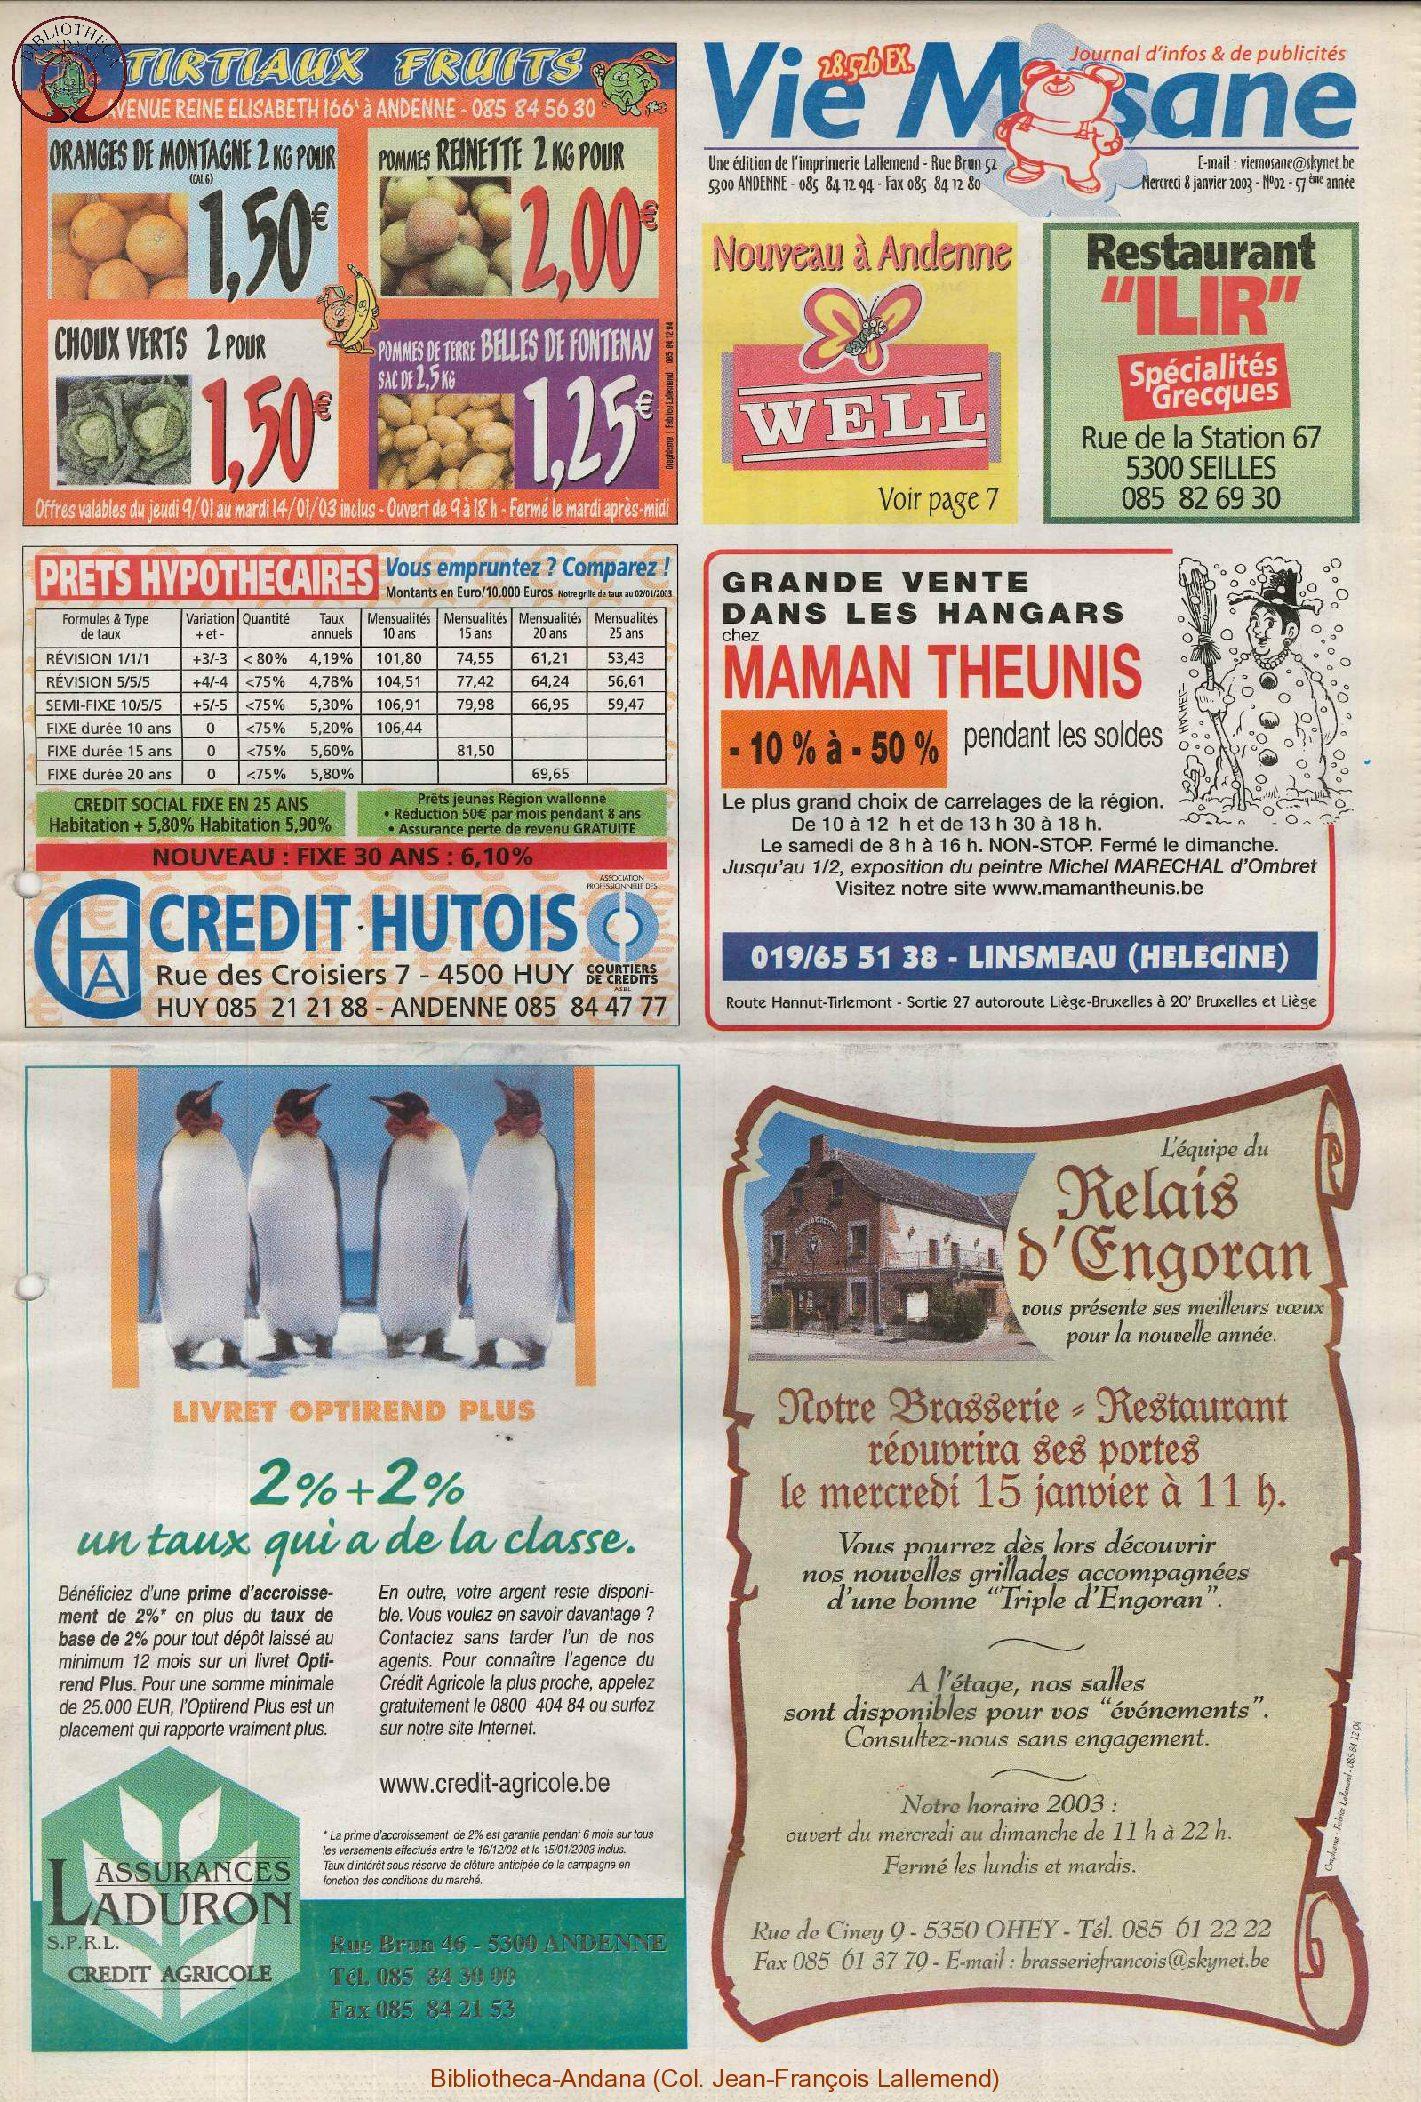 57e année - n°2 - 8 janvier 2003